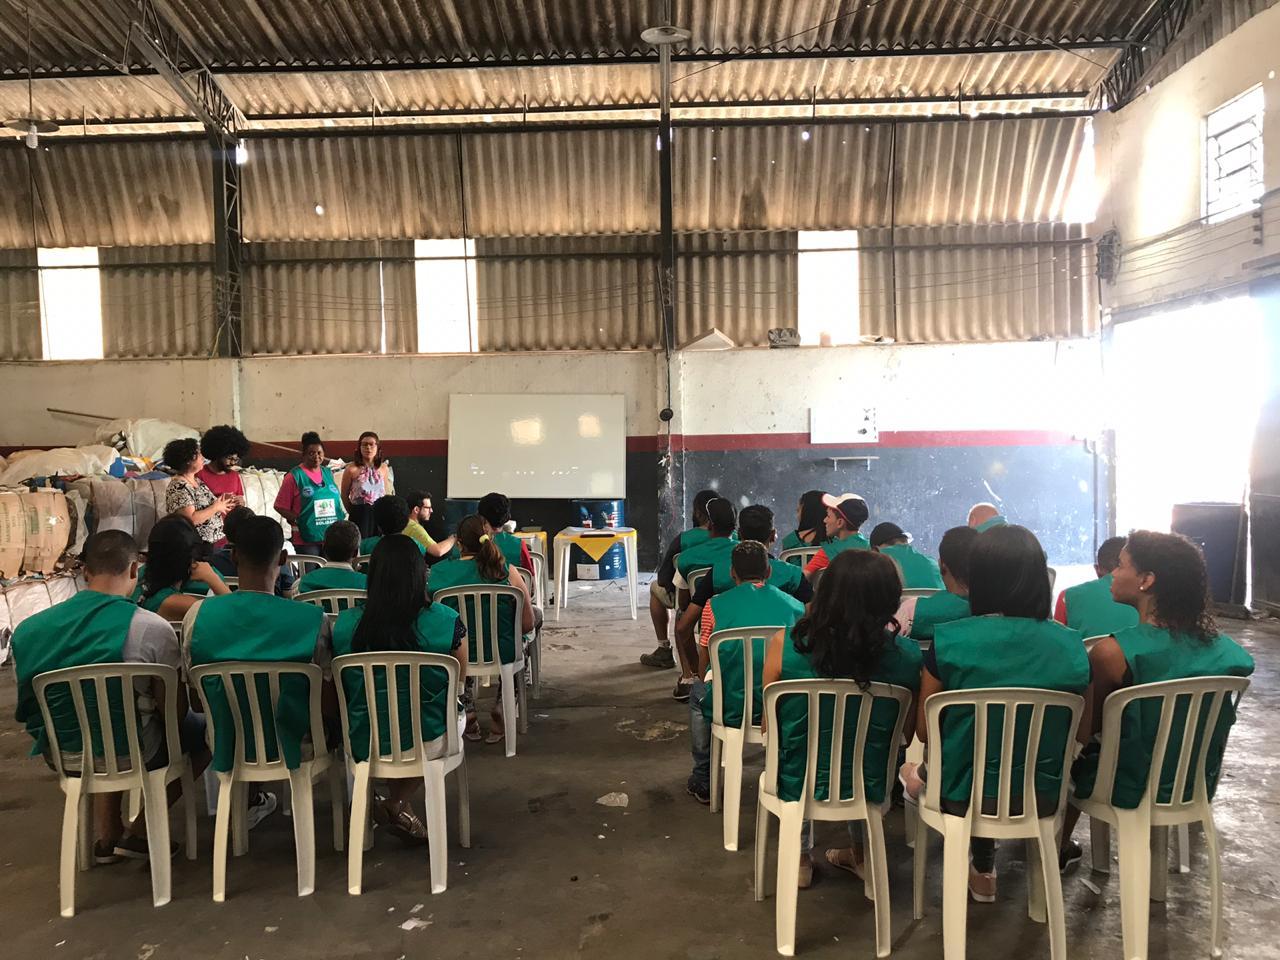 Capacitação-Recicla-Jabaquara-Cooperativa-Sempre-Verde Escolas se mobilizam para arrecadar mais de 10 toneladas de materiais recicláveis no Jabaquara